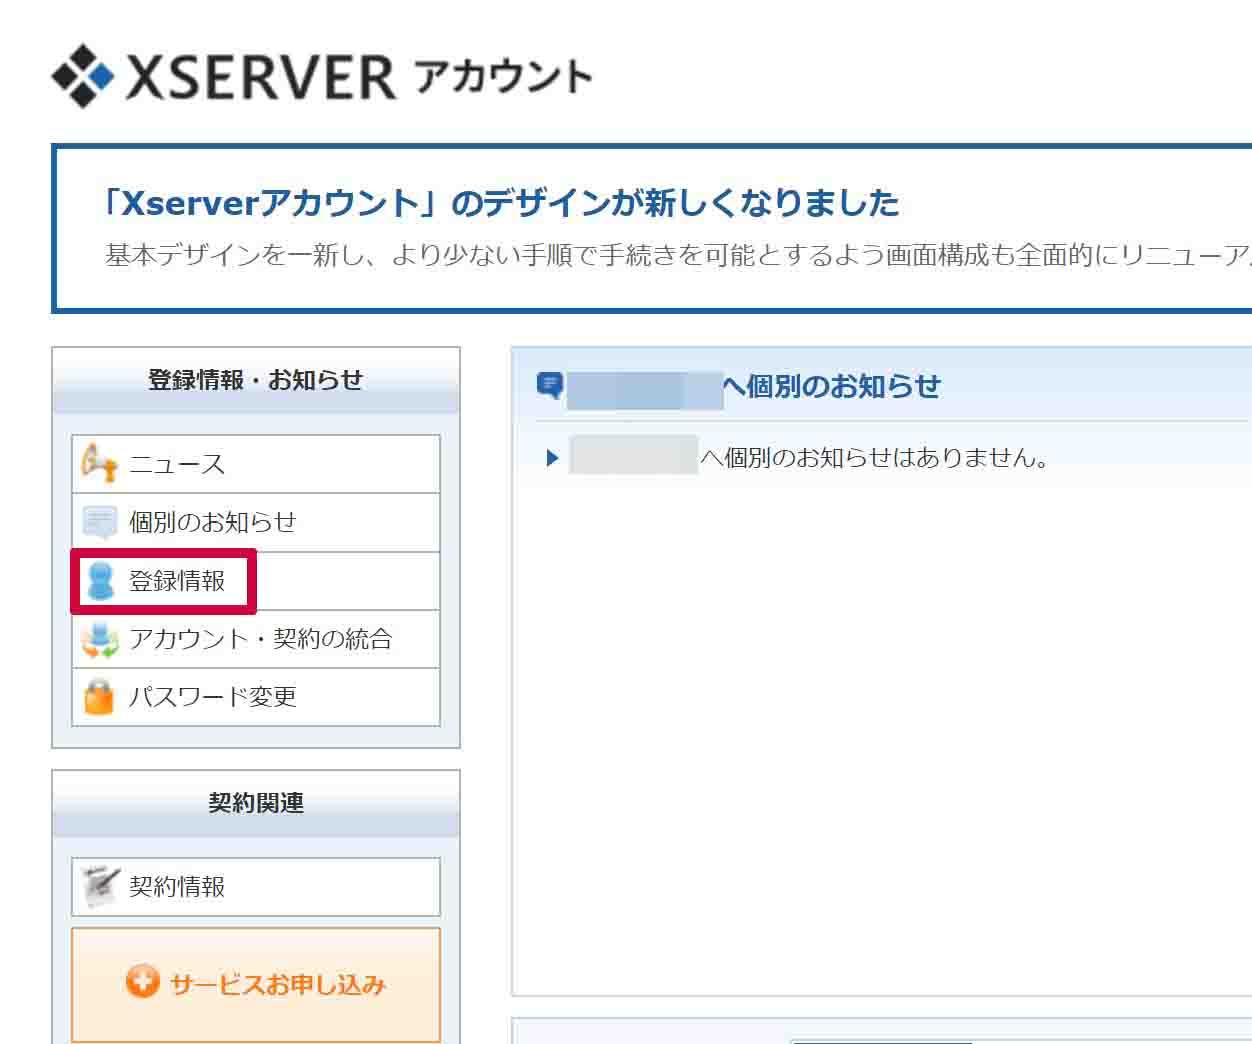 Xserverアカウント内の「登録情報・お知らせ」内にある「登録情報」をクリックして開く